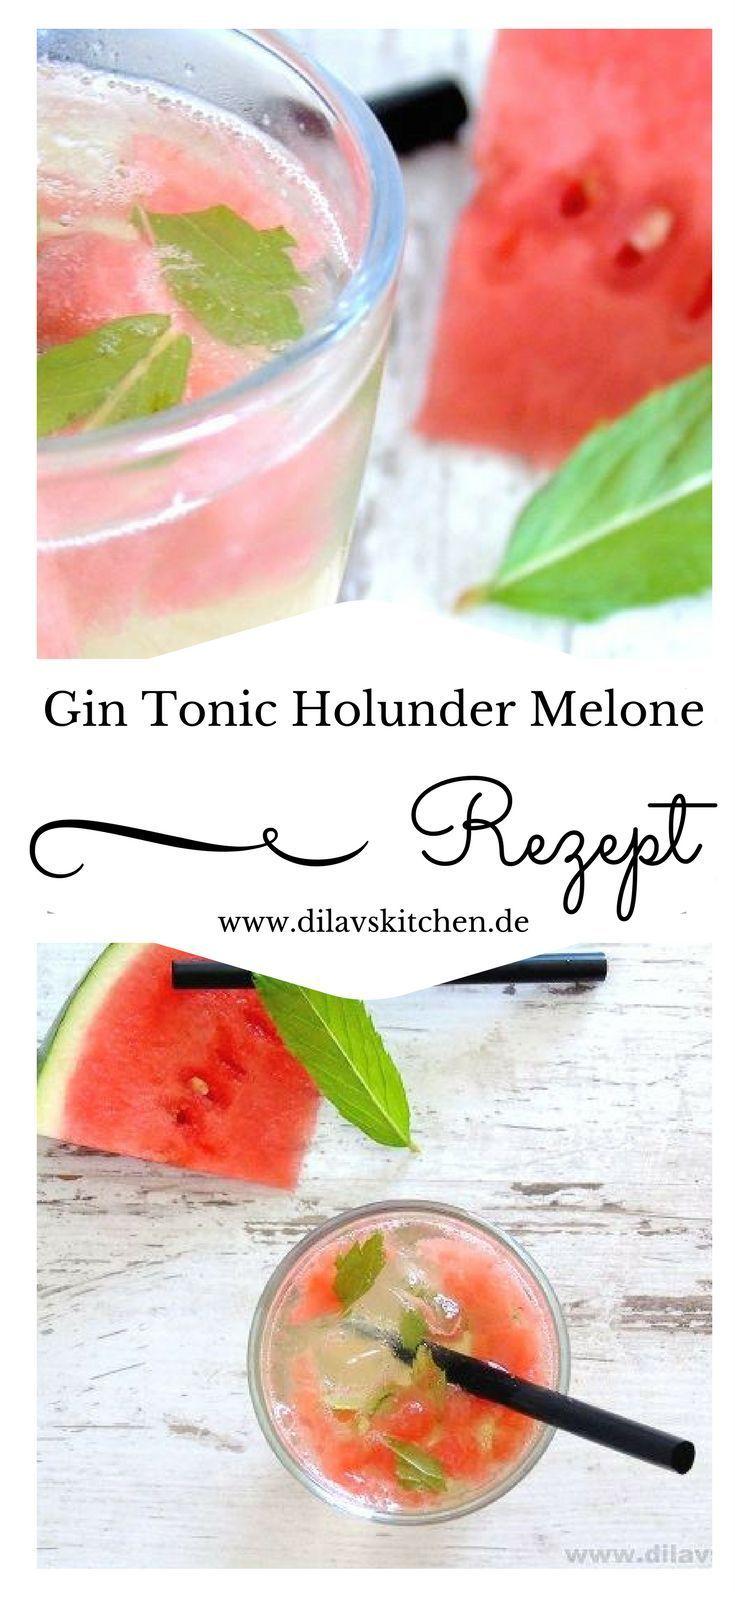 Gin Tonic Muss Nicht Immer Nur Mit Gurke Serviert Werden Probier Doch Mal Diese Fruhlingsfrische Version Mit H Melonen Bowle Wassermelone Rezepte Bowle Rezept